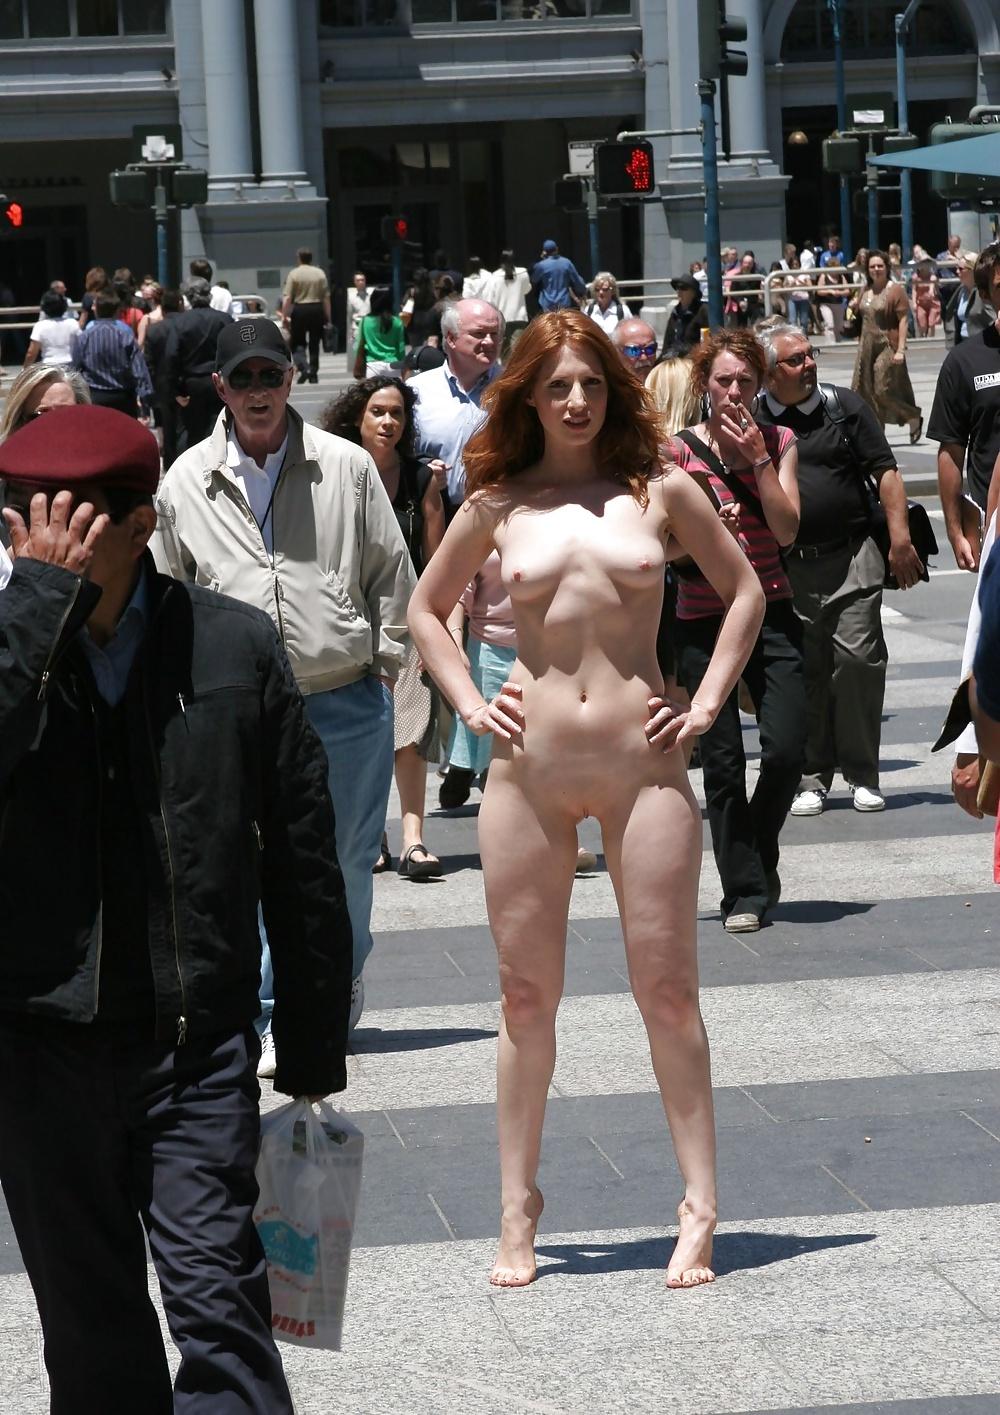 Exhibitionist nude photo